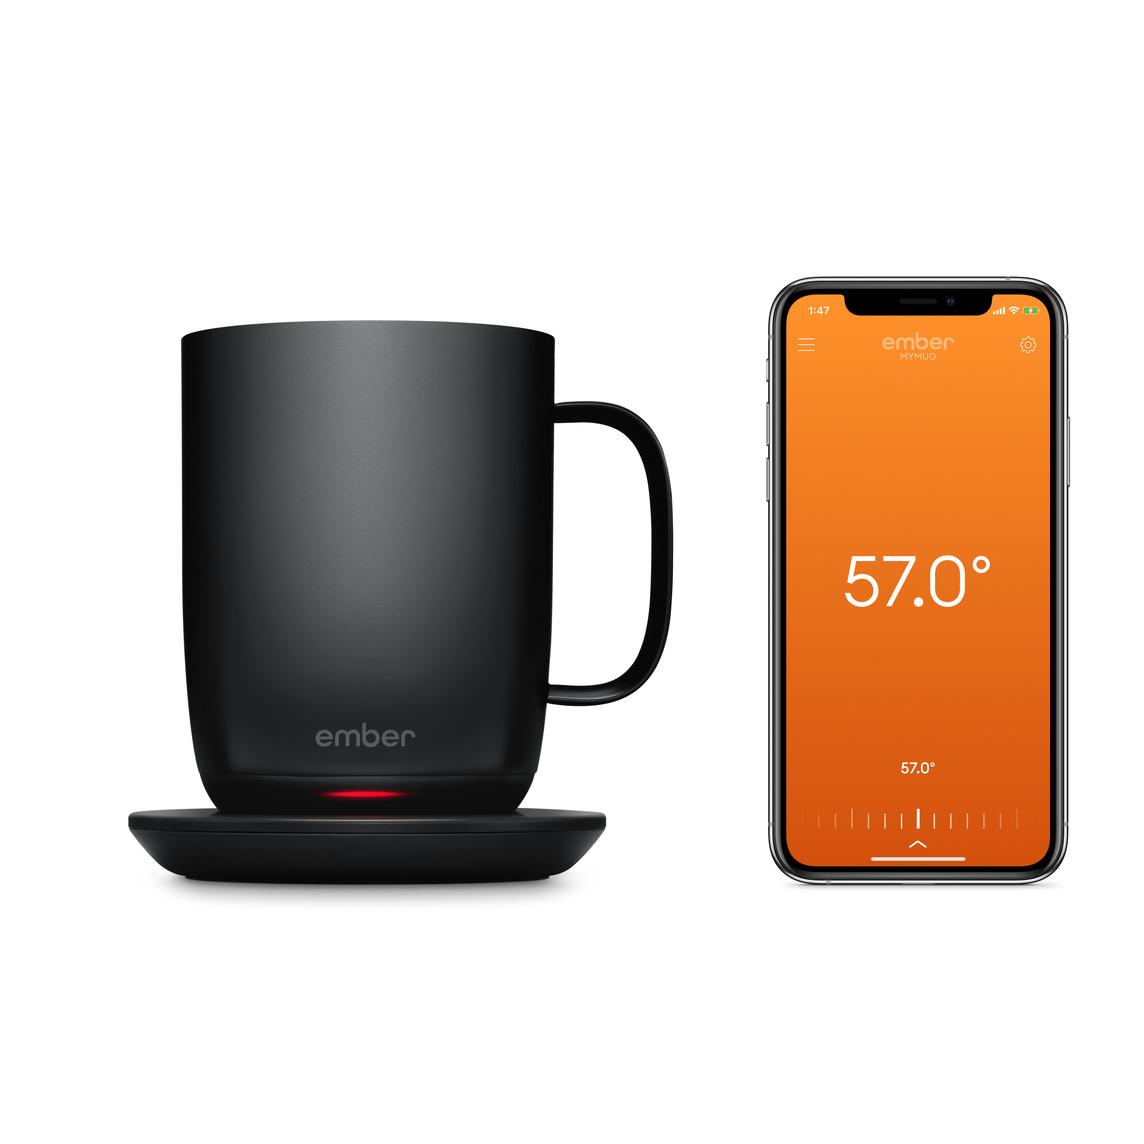 Tazza Smart Ember 2 Con Controllo Della Temperatura 41 4 Cl Apple It